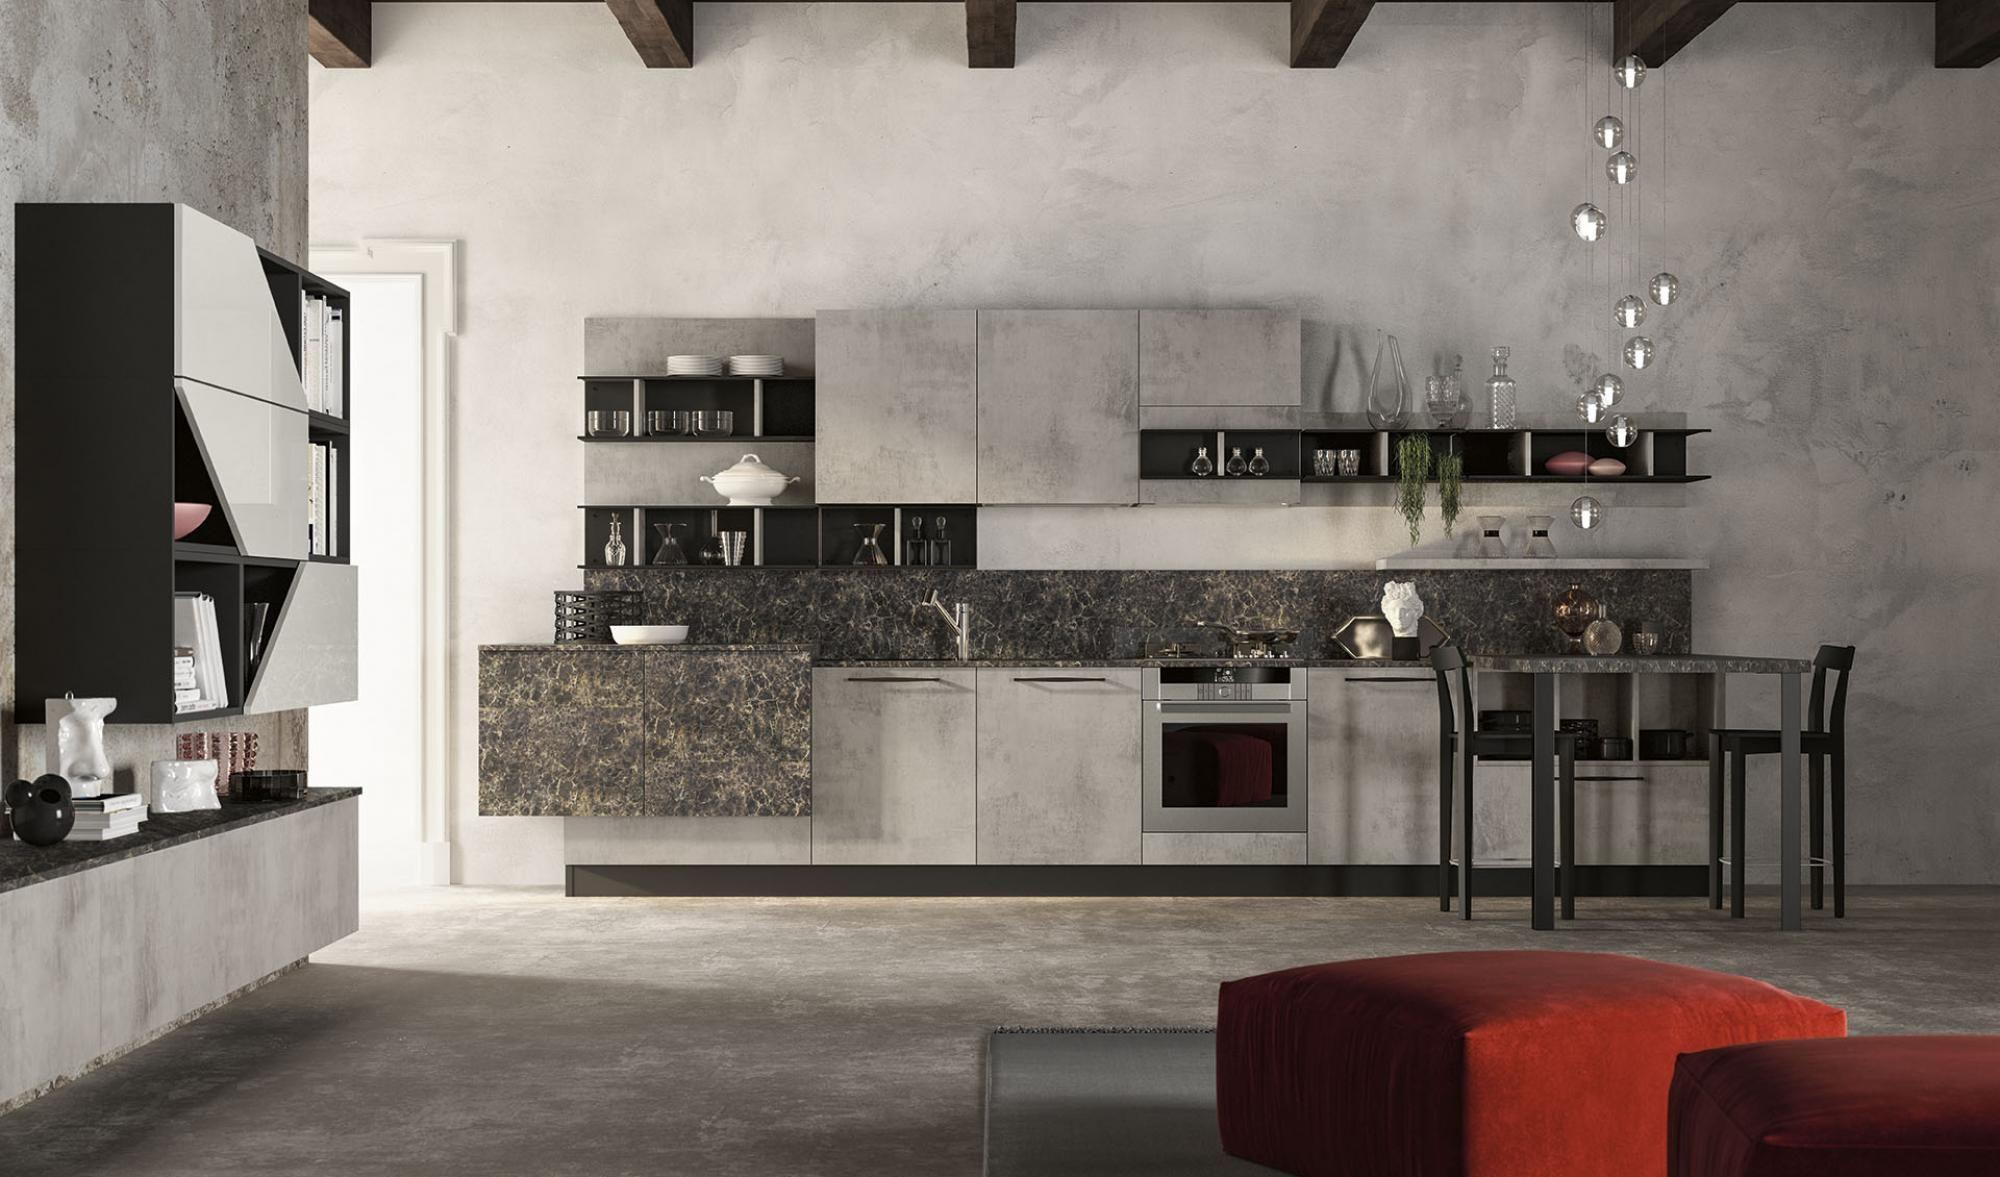 Pin De Gramar Granitosymarmoles En Cocinas Modernas Linea Lungomare Interiores Cocinas Modernas Moderno